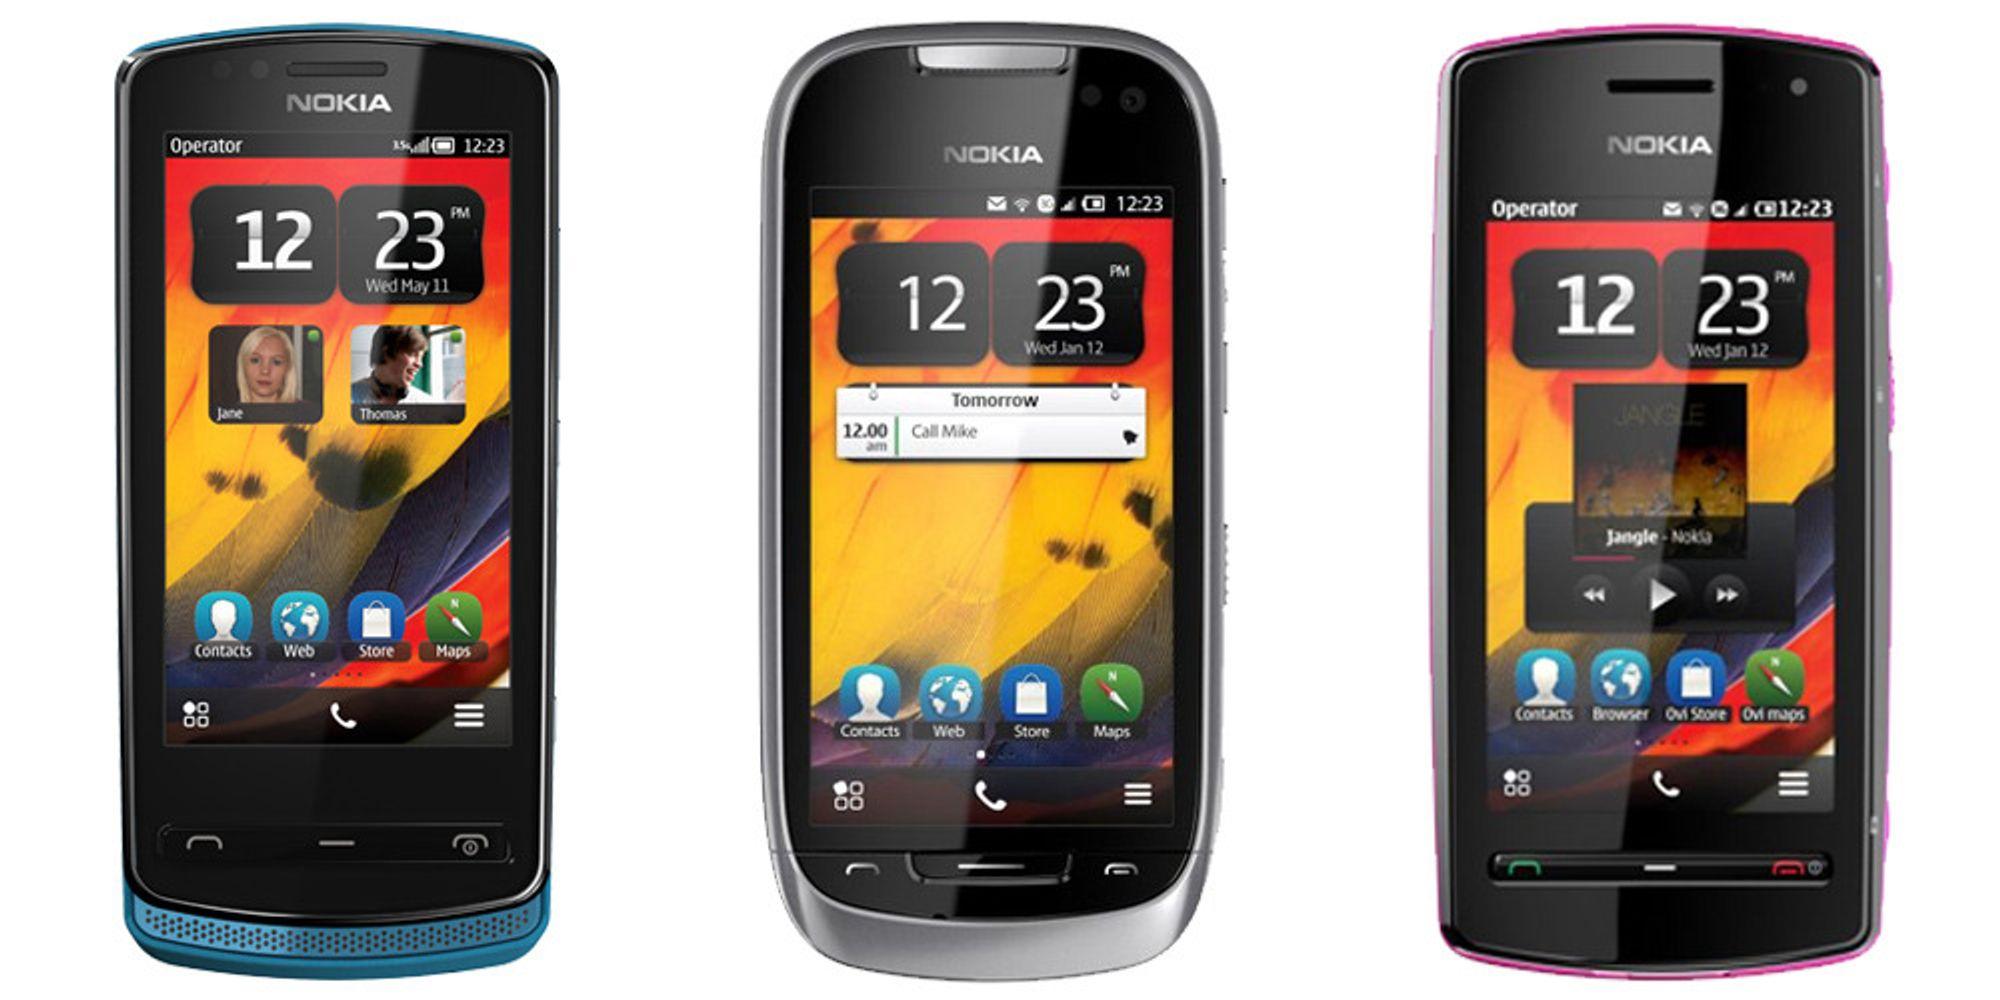 Trippellansering hos Nokia